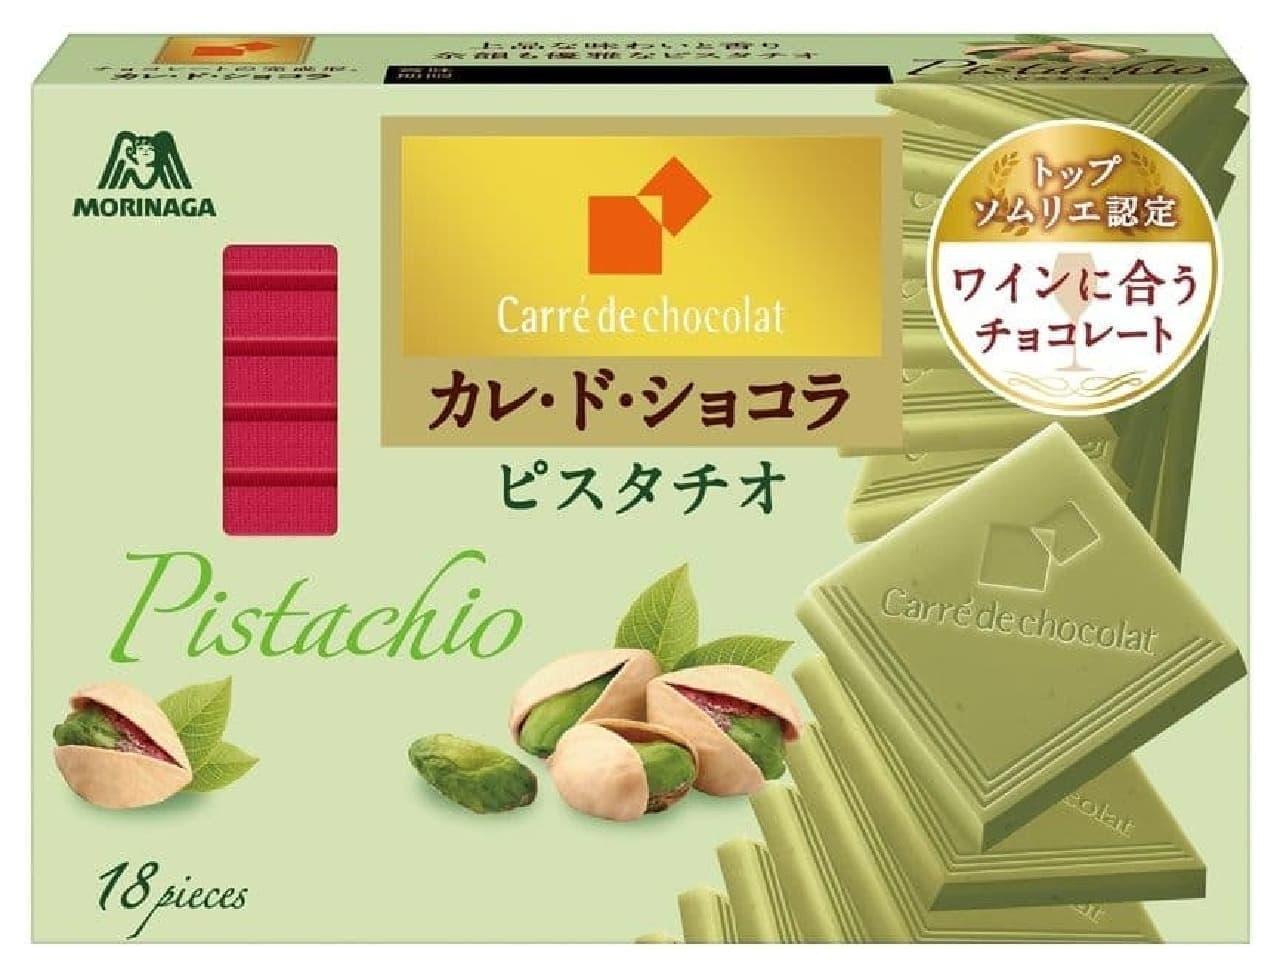 森永製菓の「カレ・ド・ショコラ<ピスタチオ>」